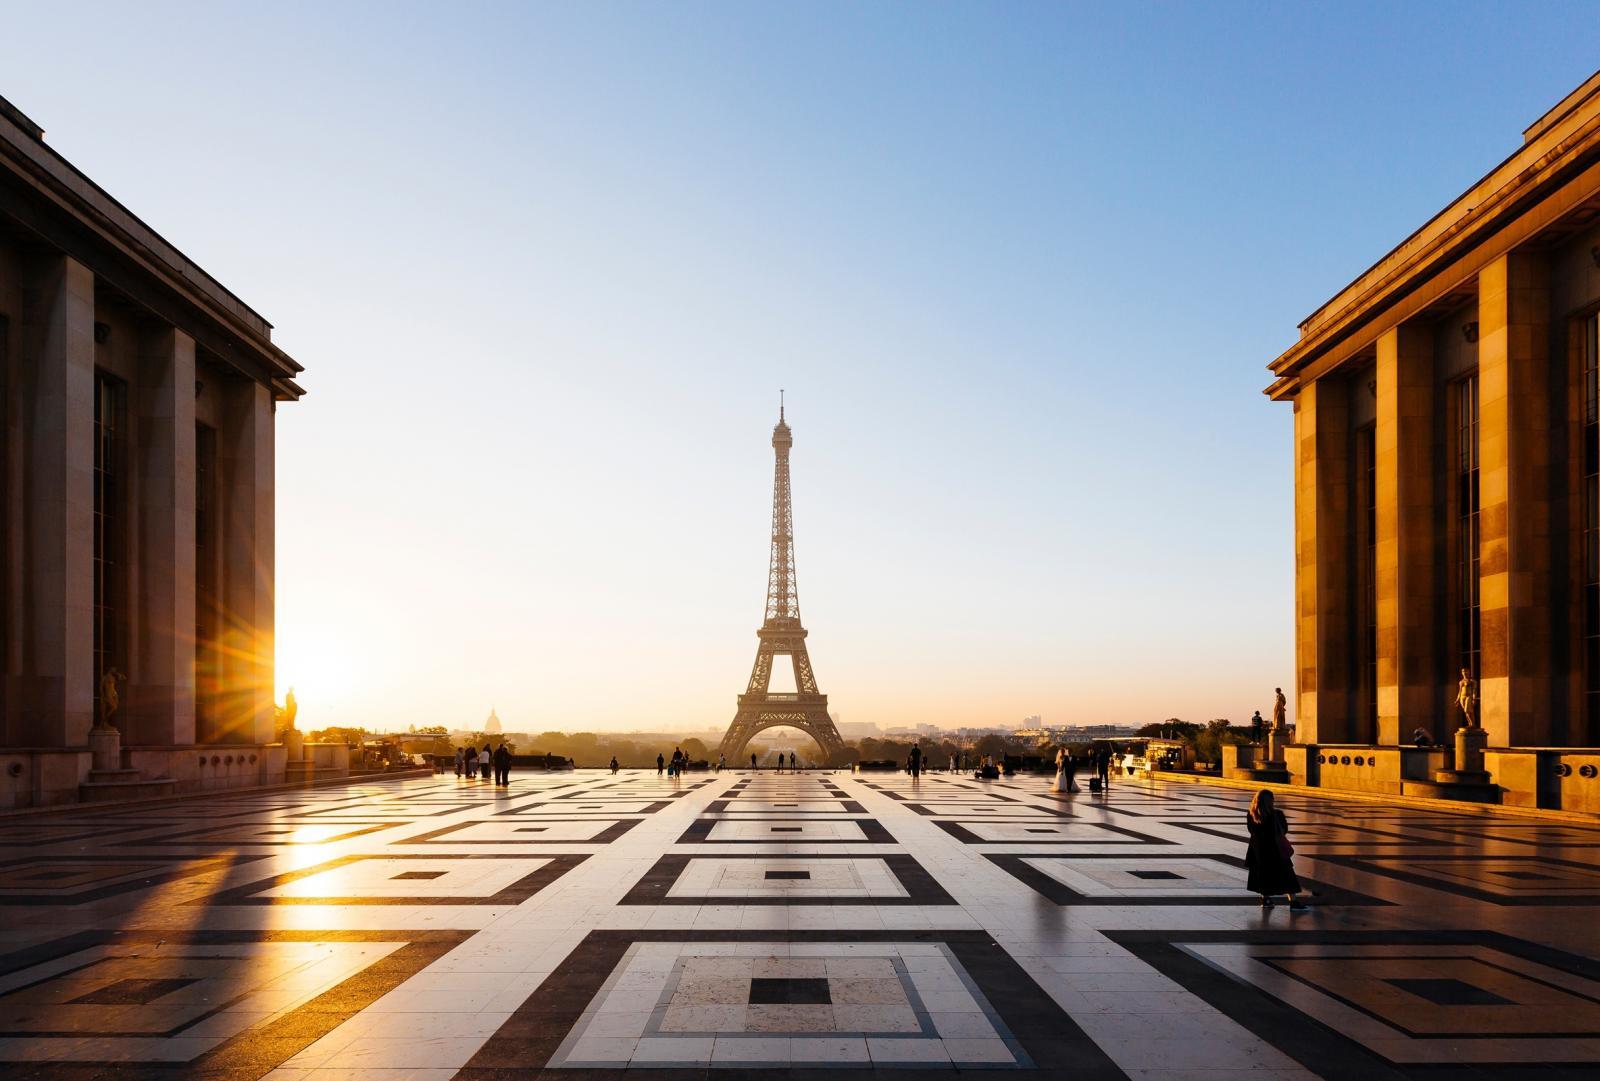 Eiffel tower in afternoon european residency